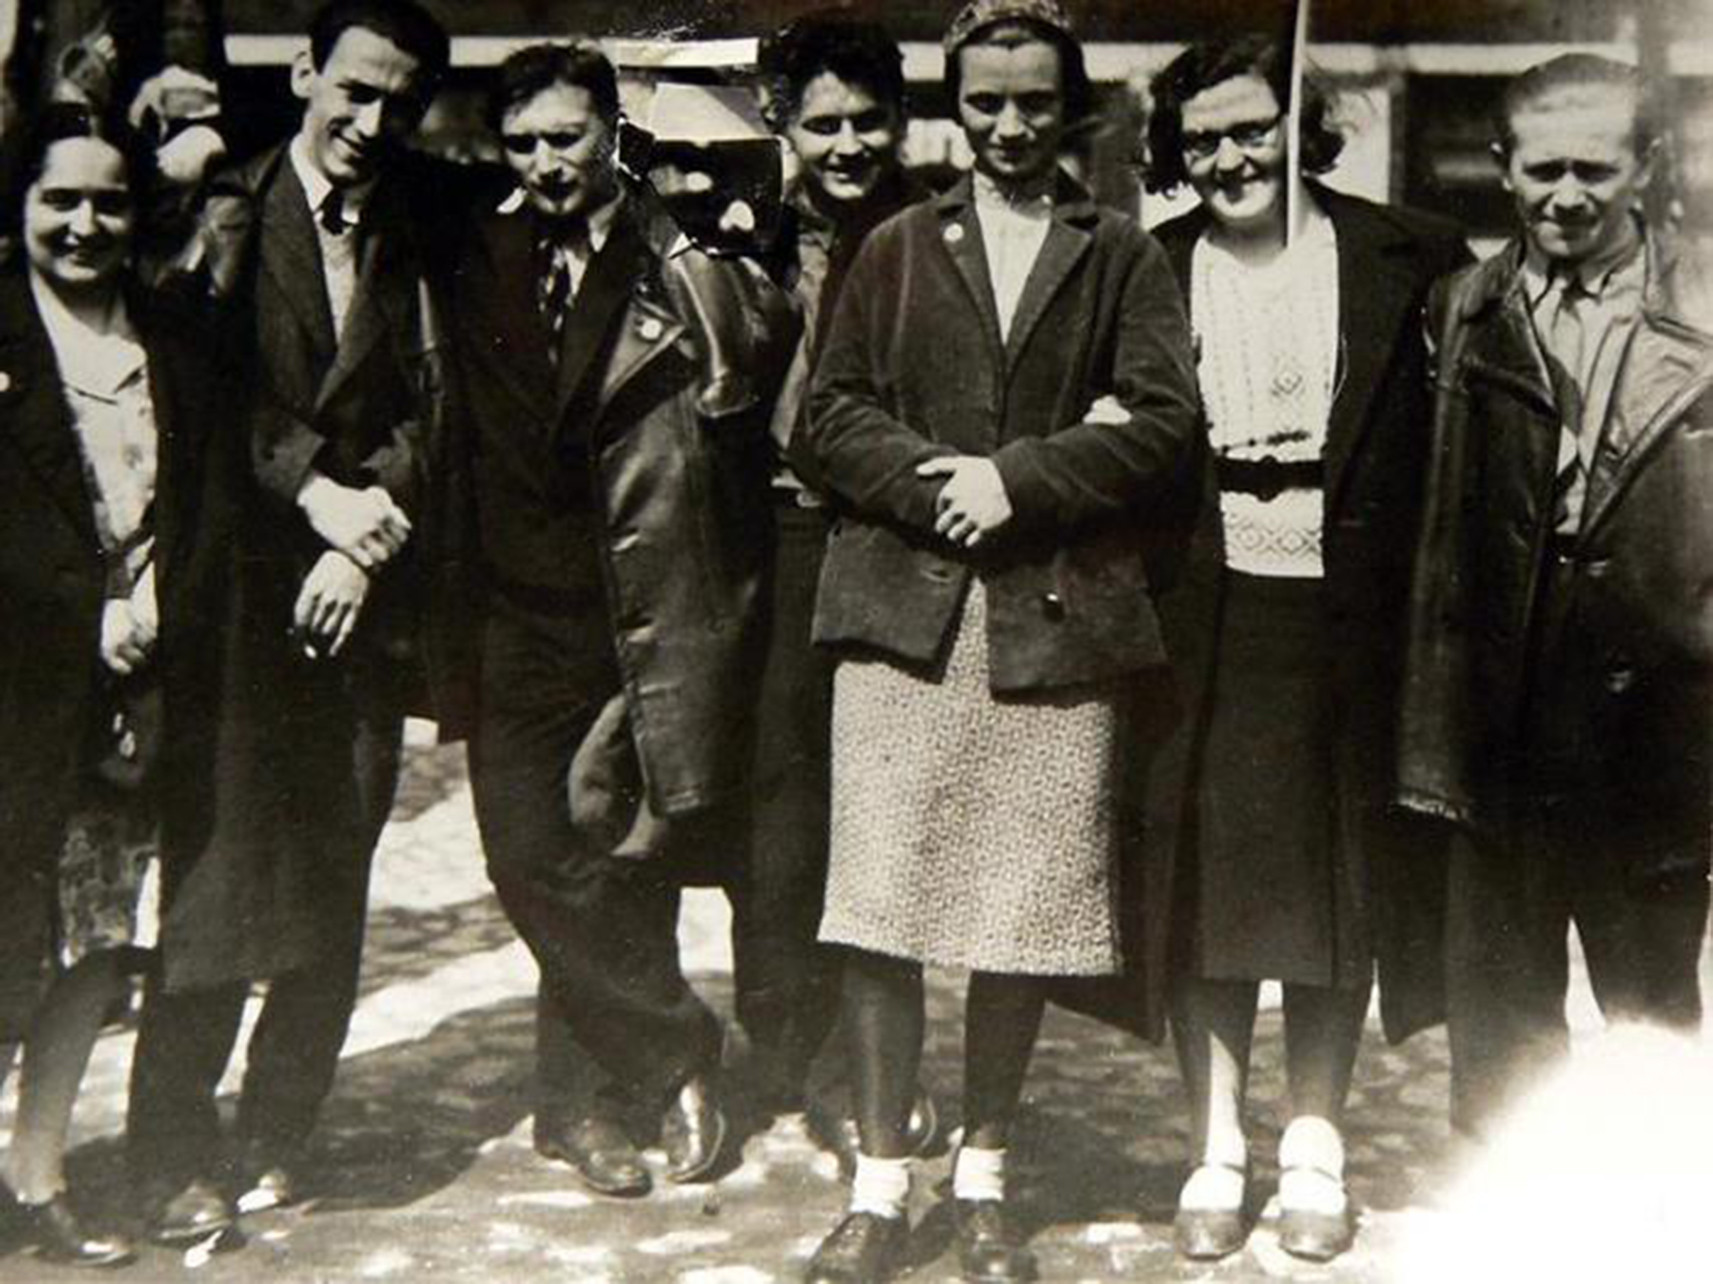 Nadja Catalan, Tibor Weiner, Philip Tolziner, Konrad Puschel, Margarete Mengel, Lilya Polgar y Anton Urban, ex estudiantes del Bauhaus que acompañaron a Hannes Meyer a la URSS en 1930.. Image Cortesia de Ross Wolfe y The Charnel House